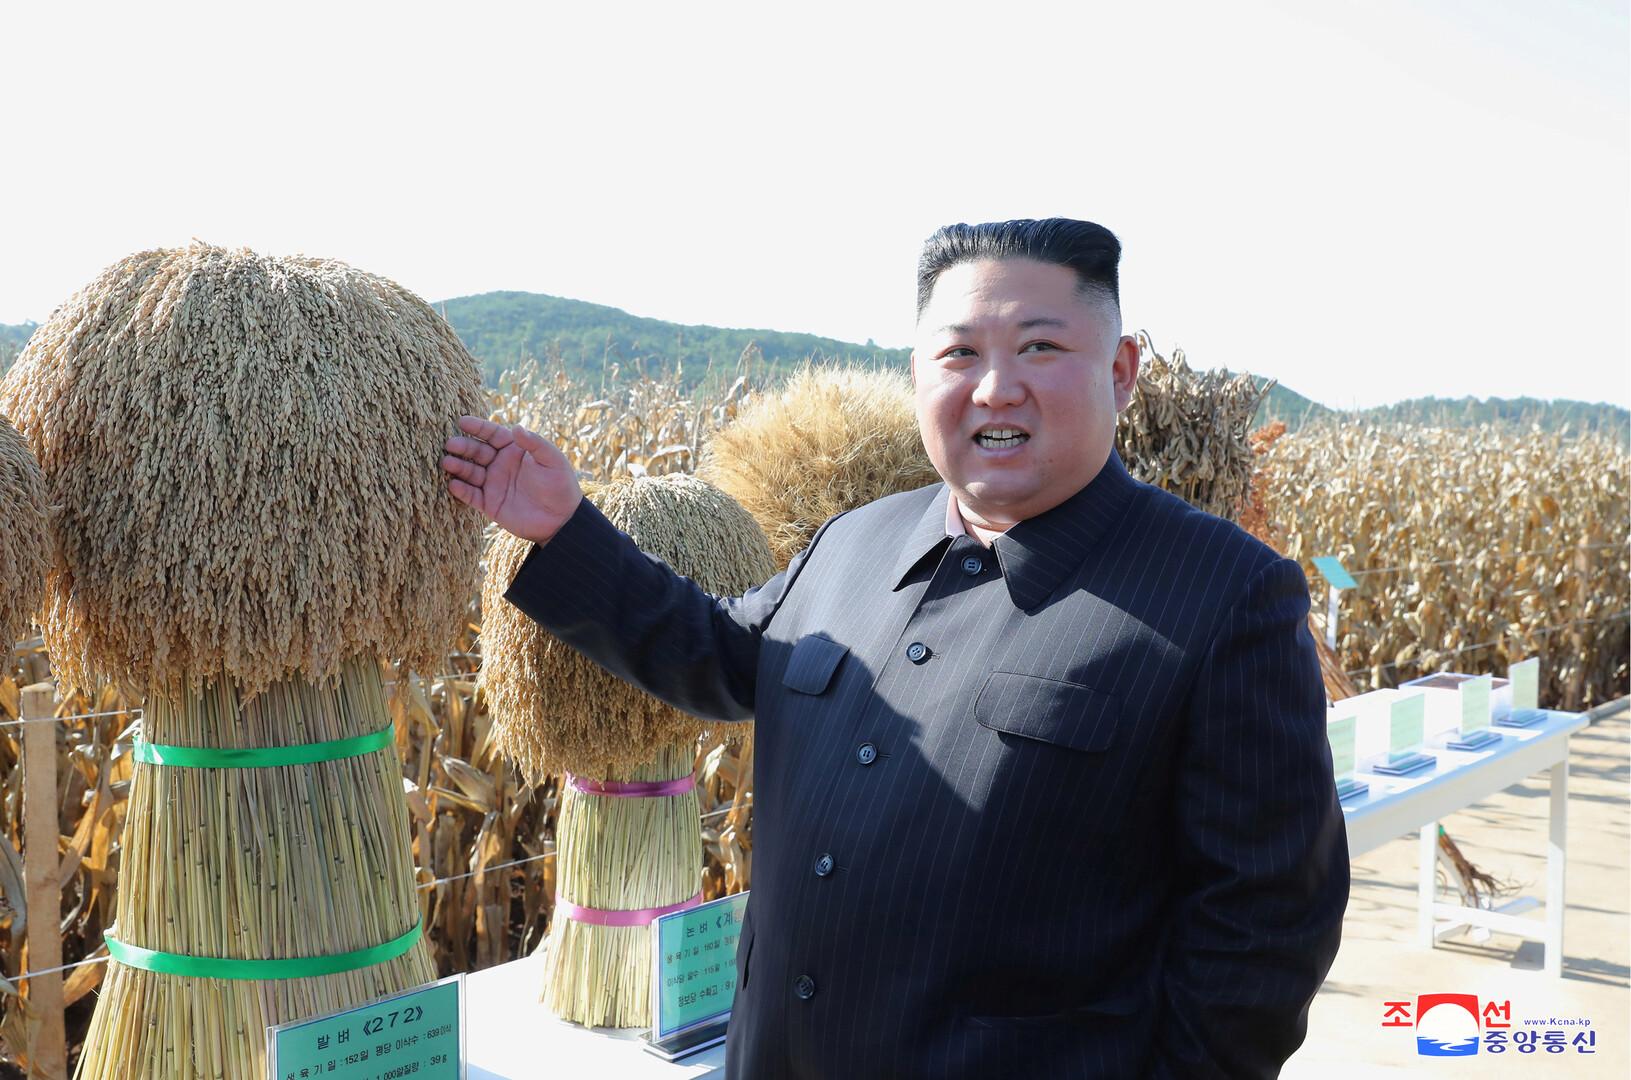 كيم يظهر في مزرعة بعد غياب دام شهر (صور)